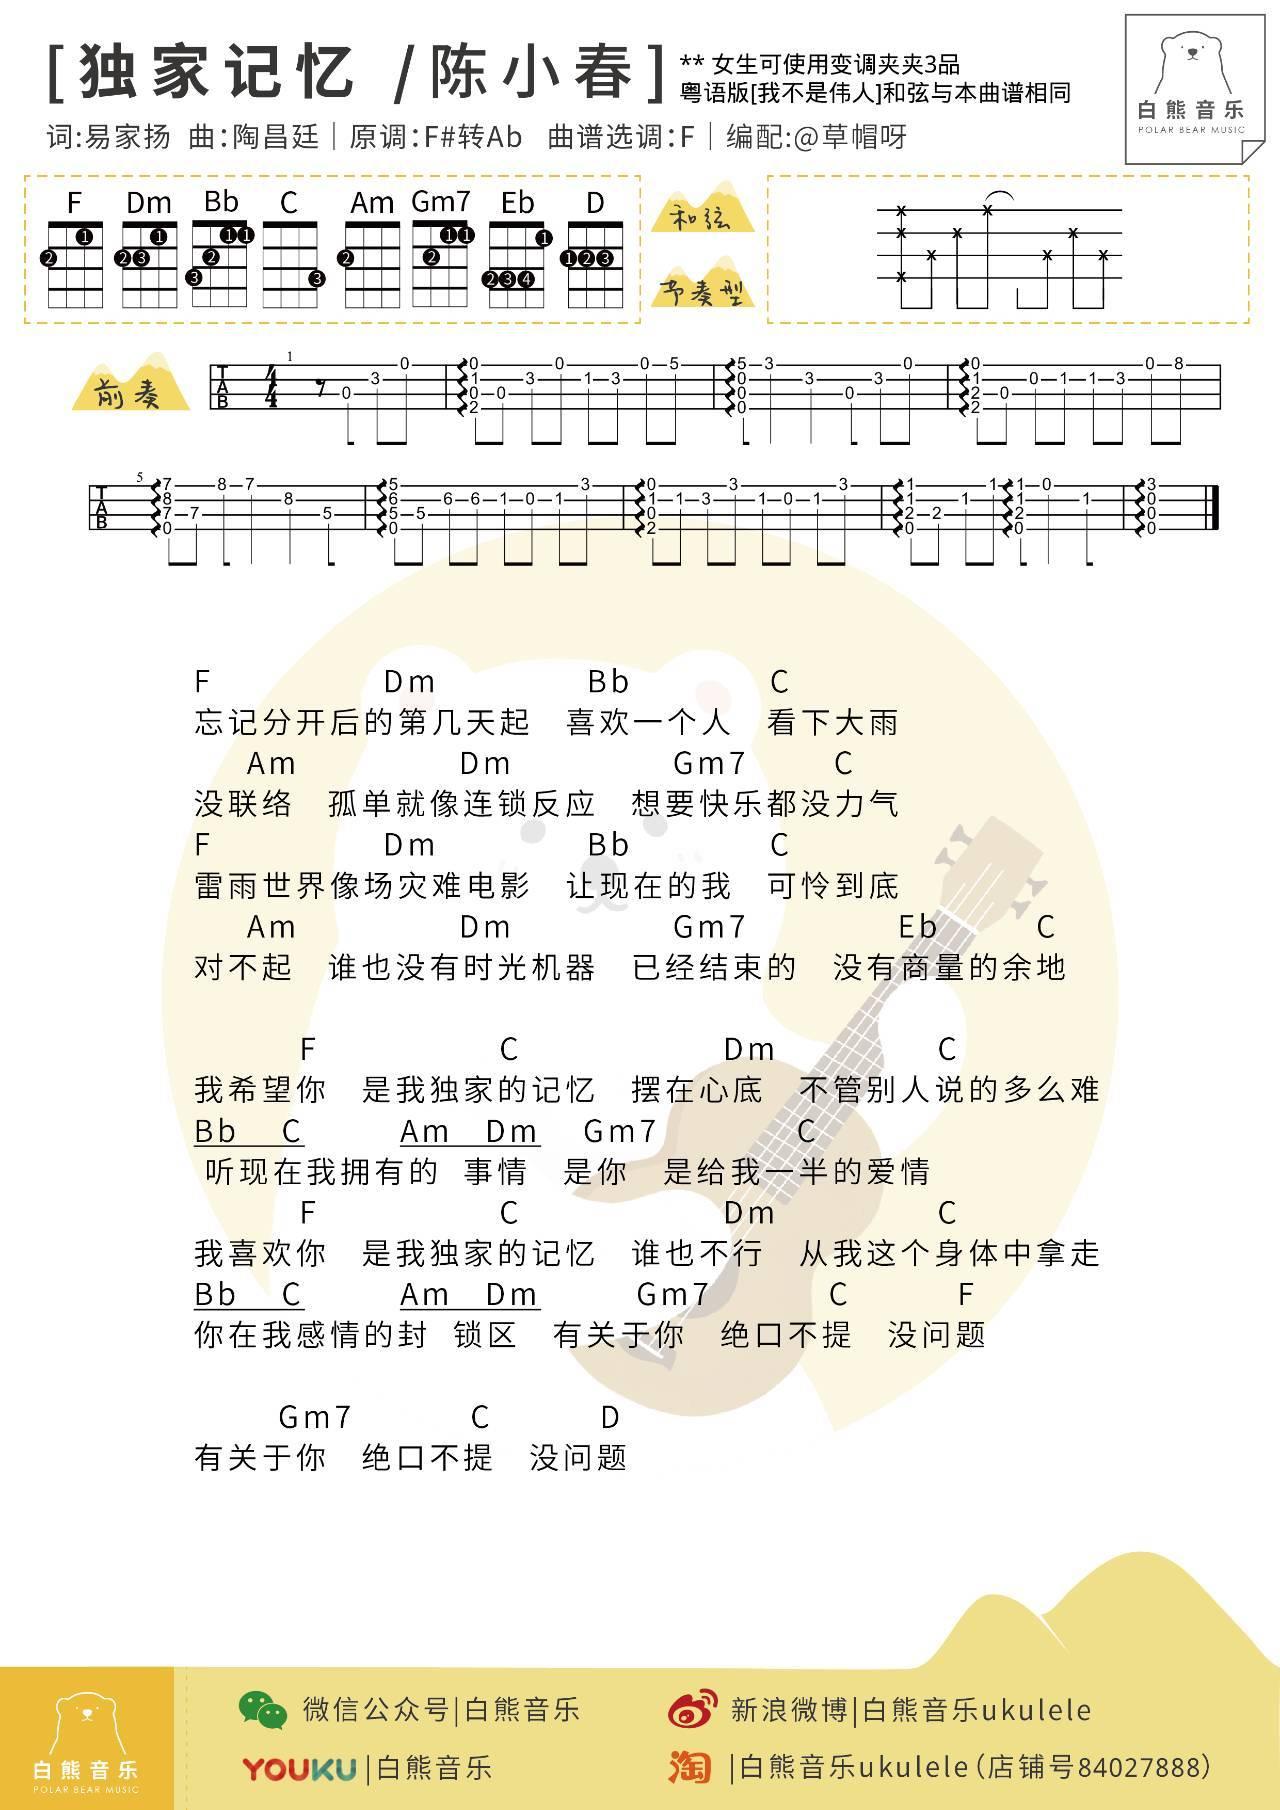 暖心推荐 独家记忆里有我爱的人 独家记忆 我爱的人 陈小春 尤克里里弹唱谱